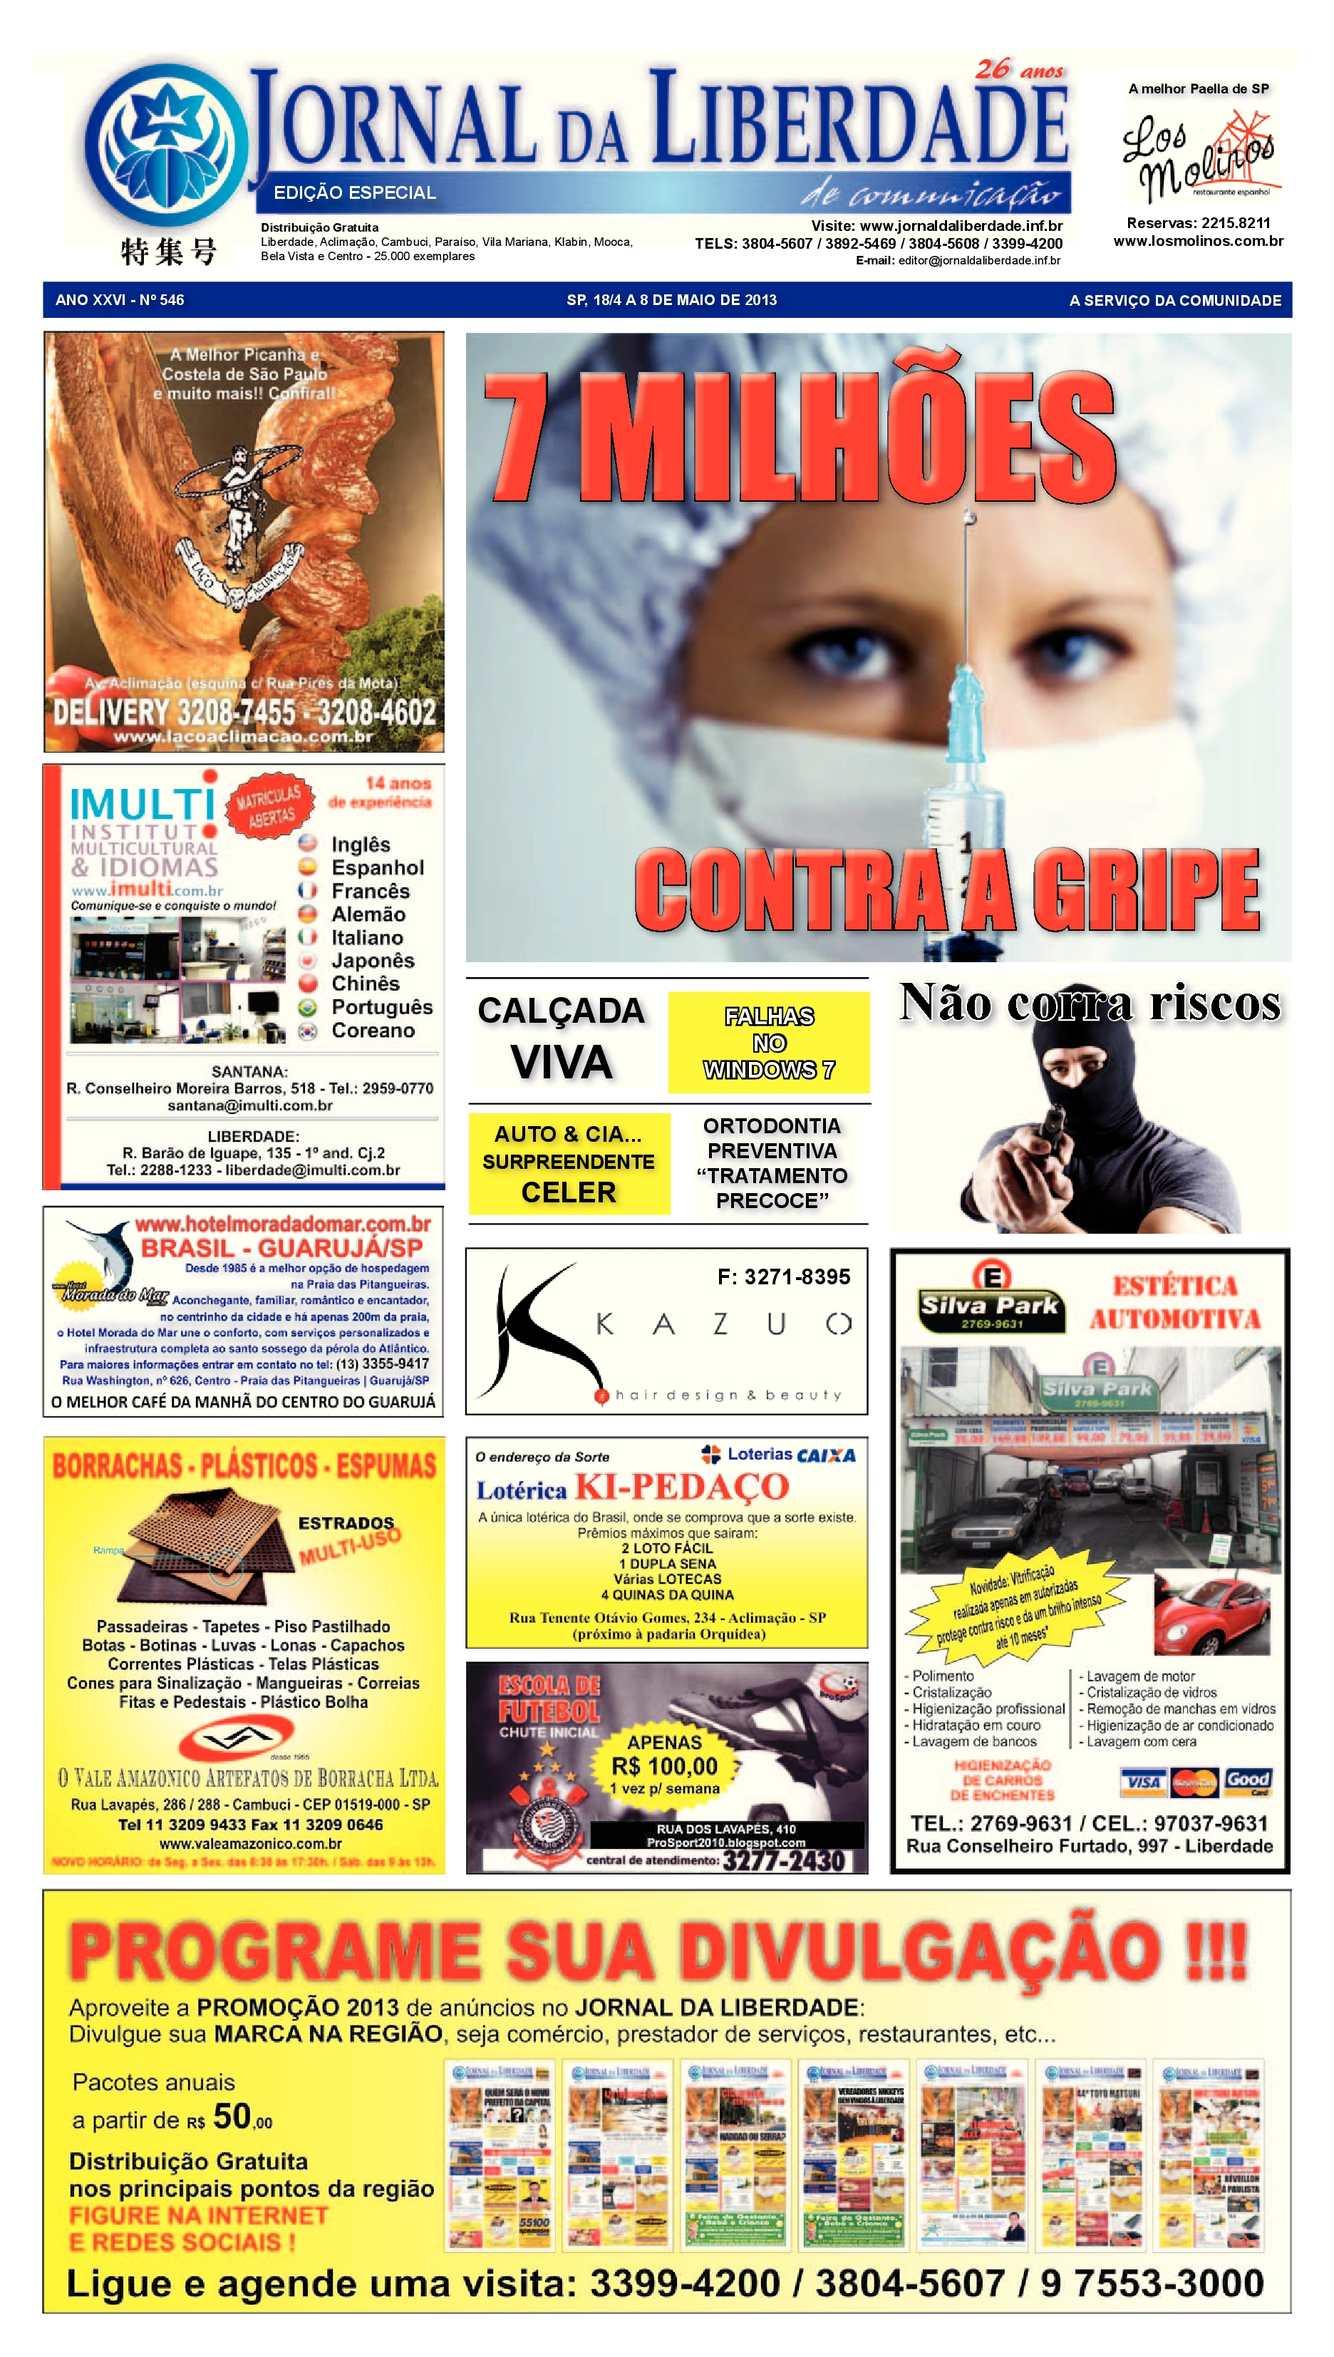 ad7719b67 Calaméo - JORNAL DA LIBERDADE 546